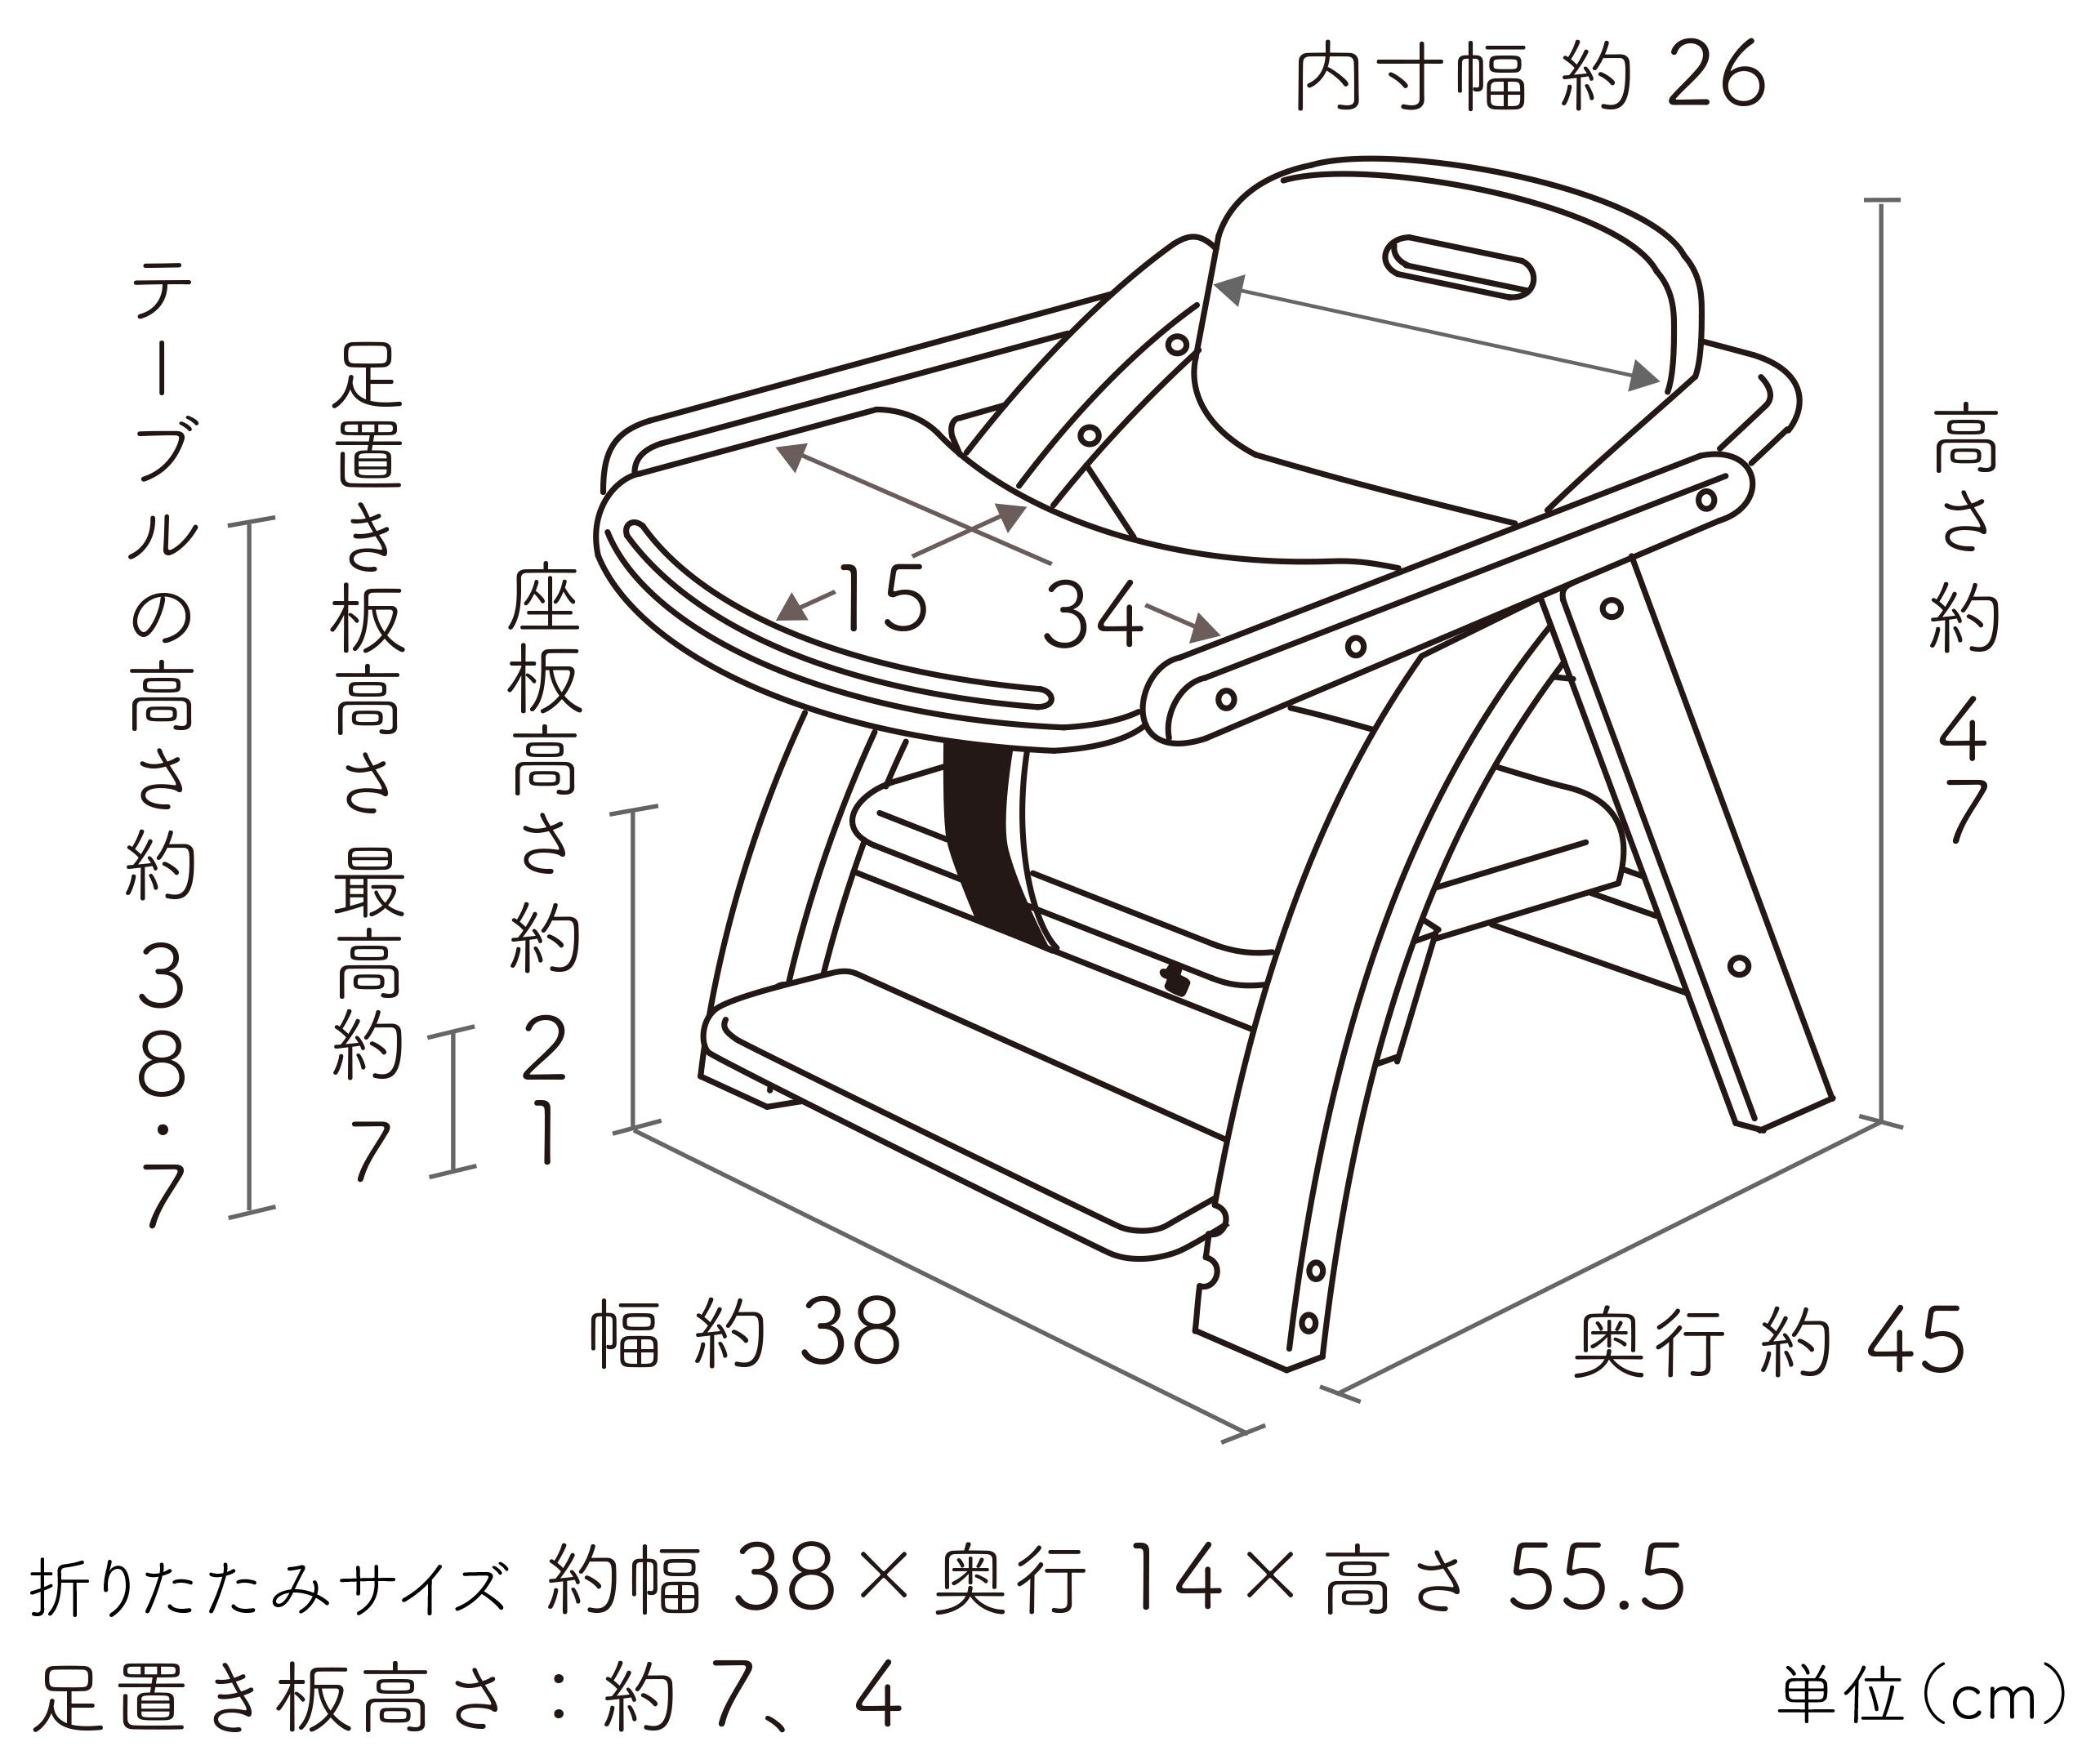 アーチ木製ローチェアⅢ